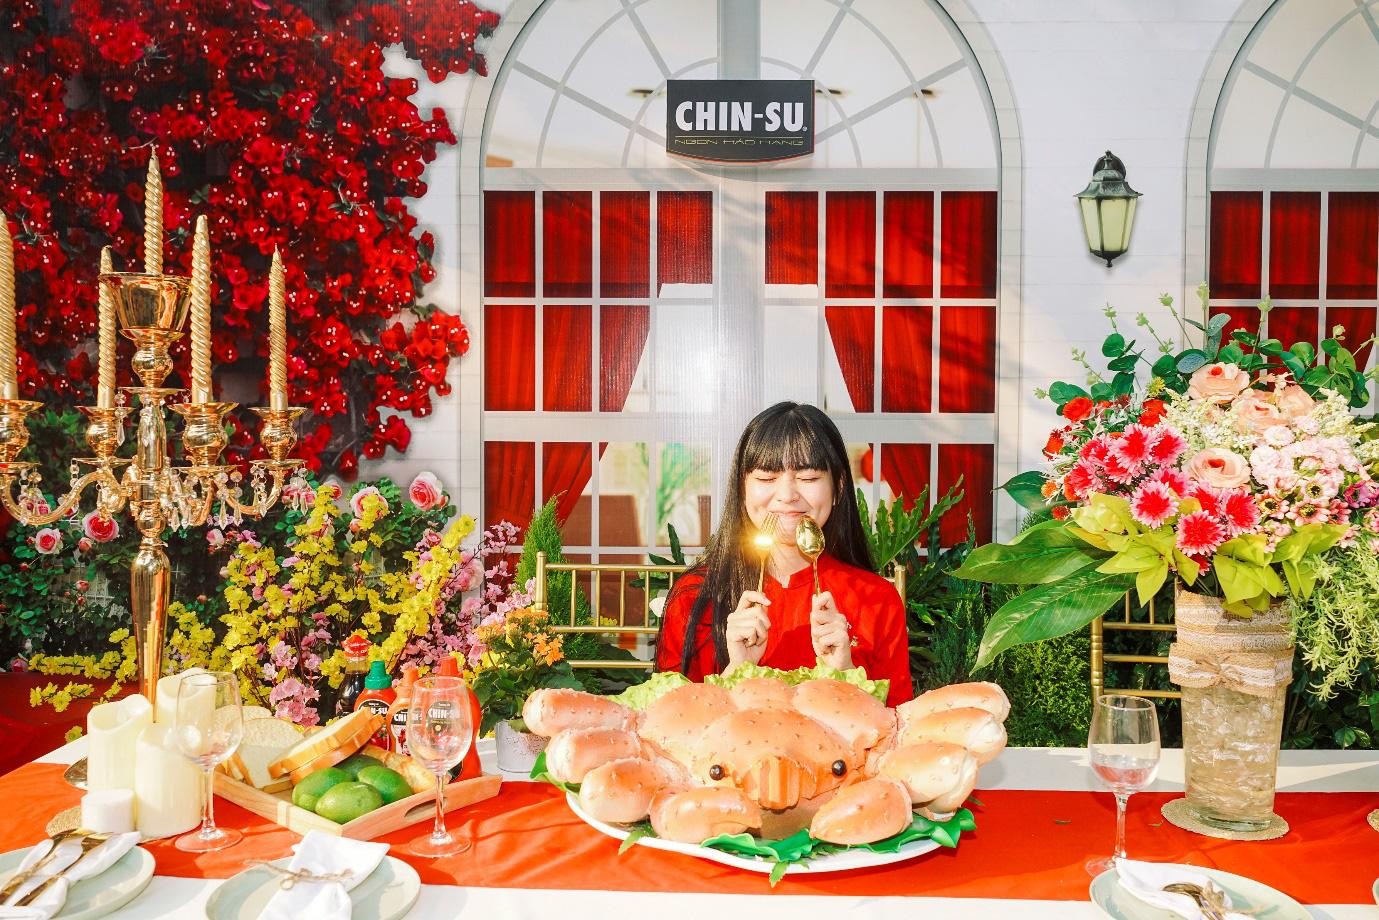 Xuýt xoa với loạt ảnh hot girl Mắt Biếc check-in với các siêu phẩm siêu to khổng lồ tại Góc Phố Xuân 2020 - Ảnh 3.